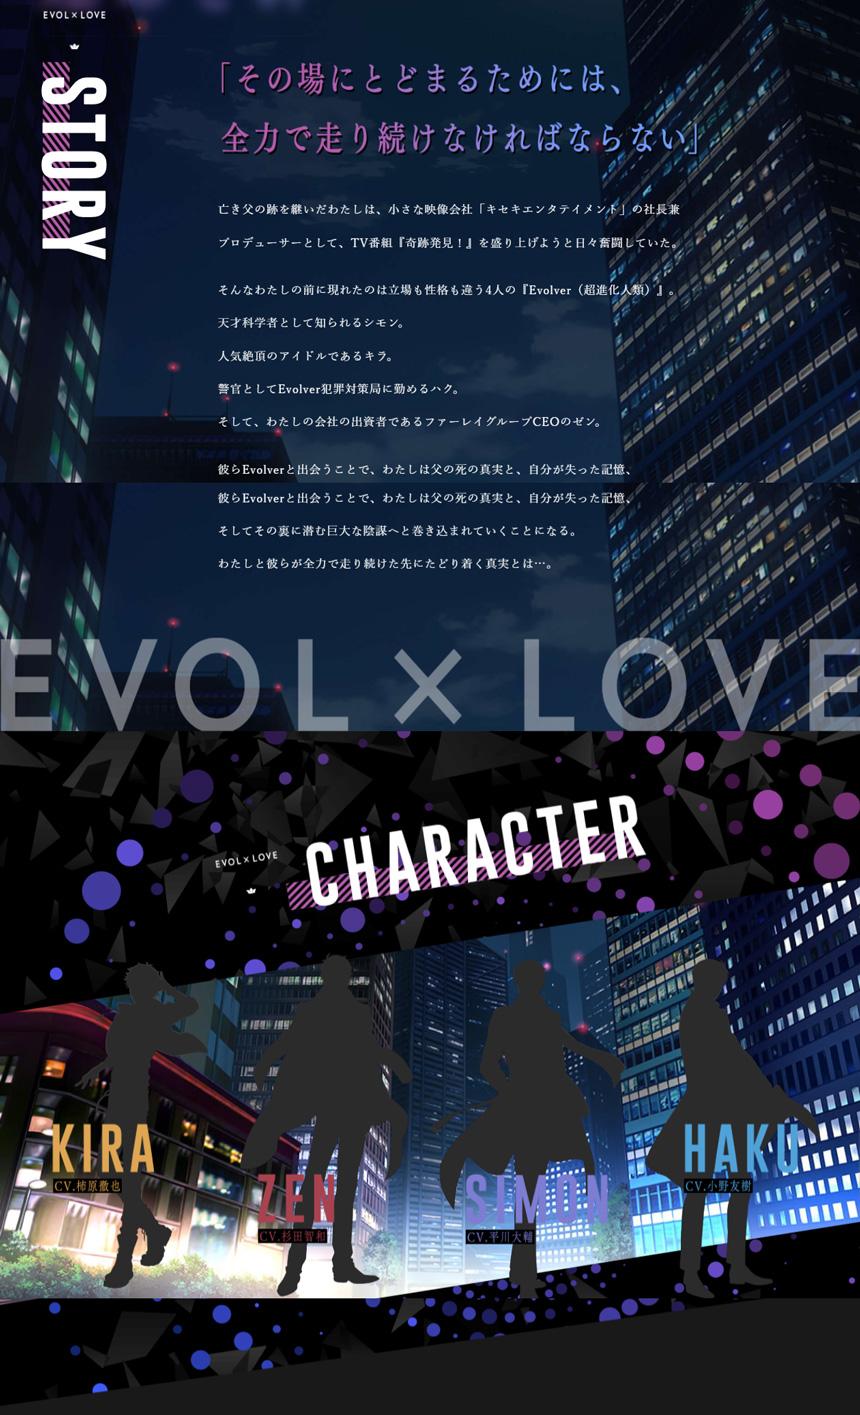 恋とプロデューサー~EVOL×LOVE~ 公式サイト